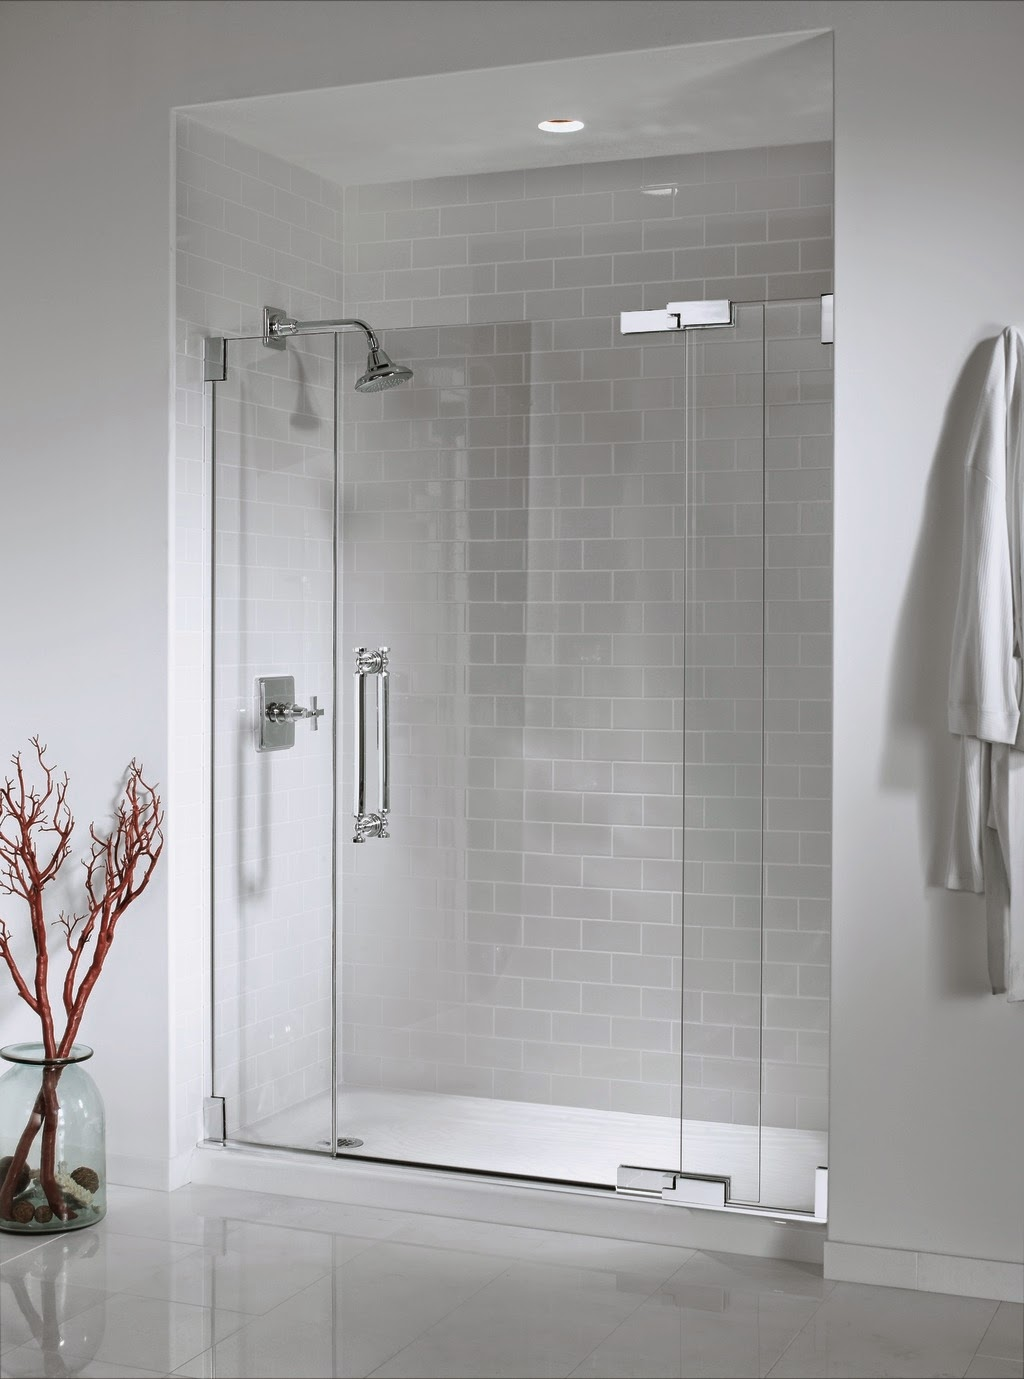 hydroslide sliding glass shower door systems